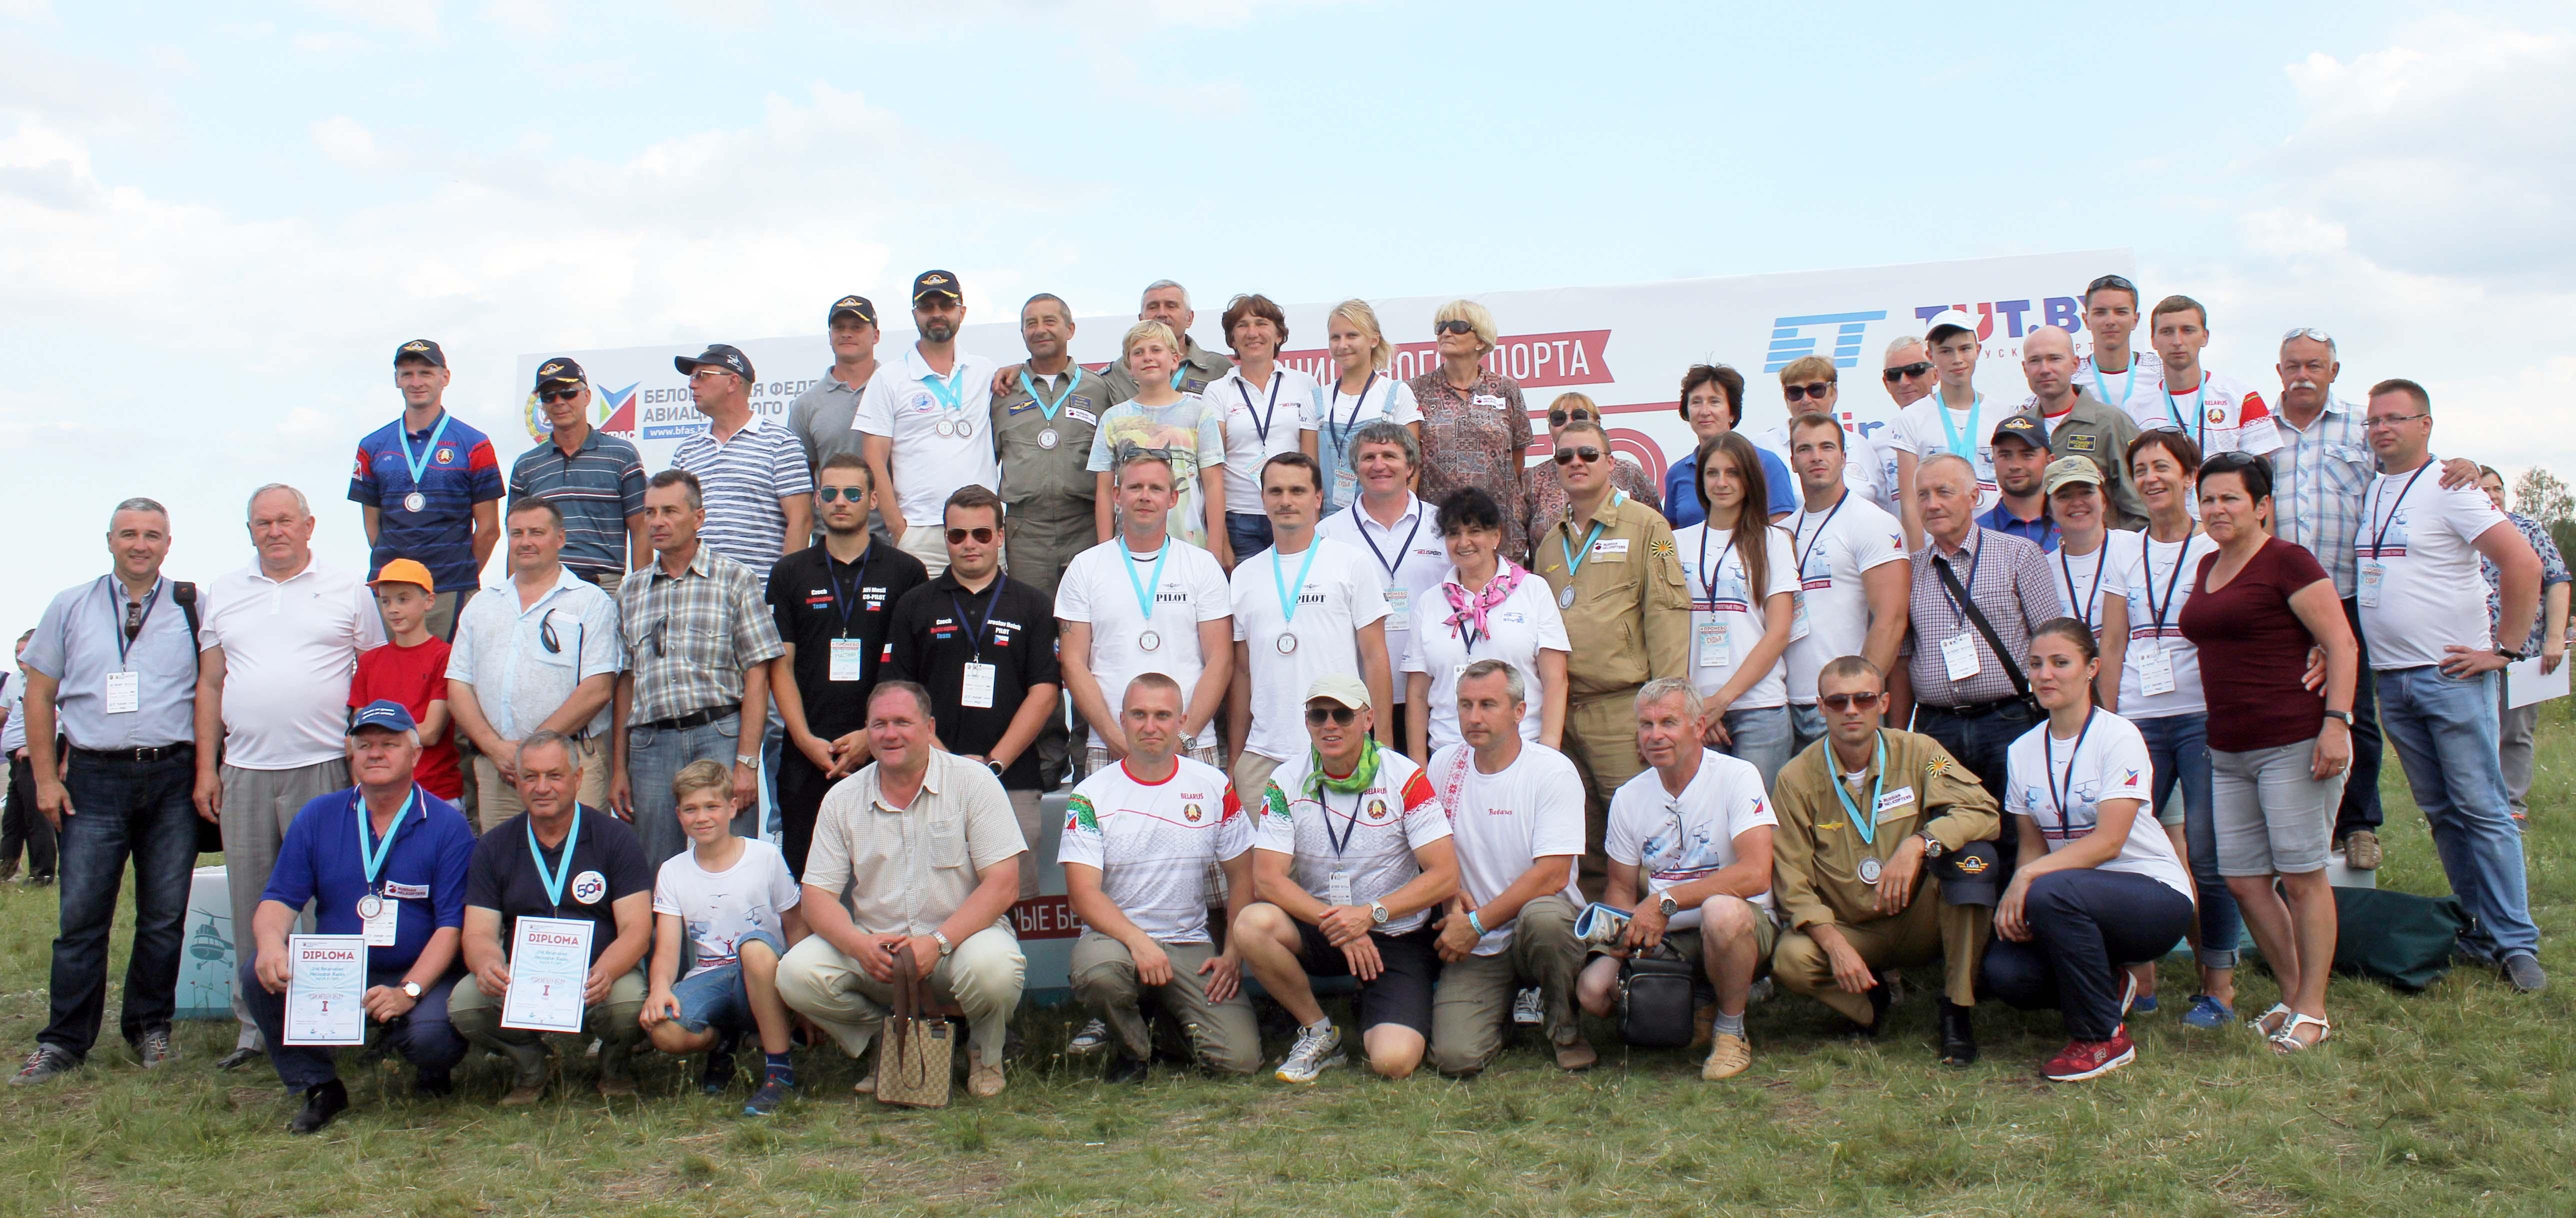 3. Участники и организаторы  Вторых белорусских вертолетных гонок в рамках фестиваля #пронебо-2016